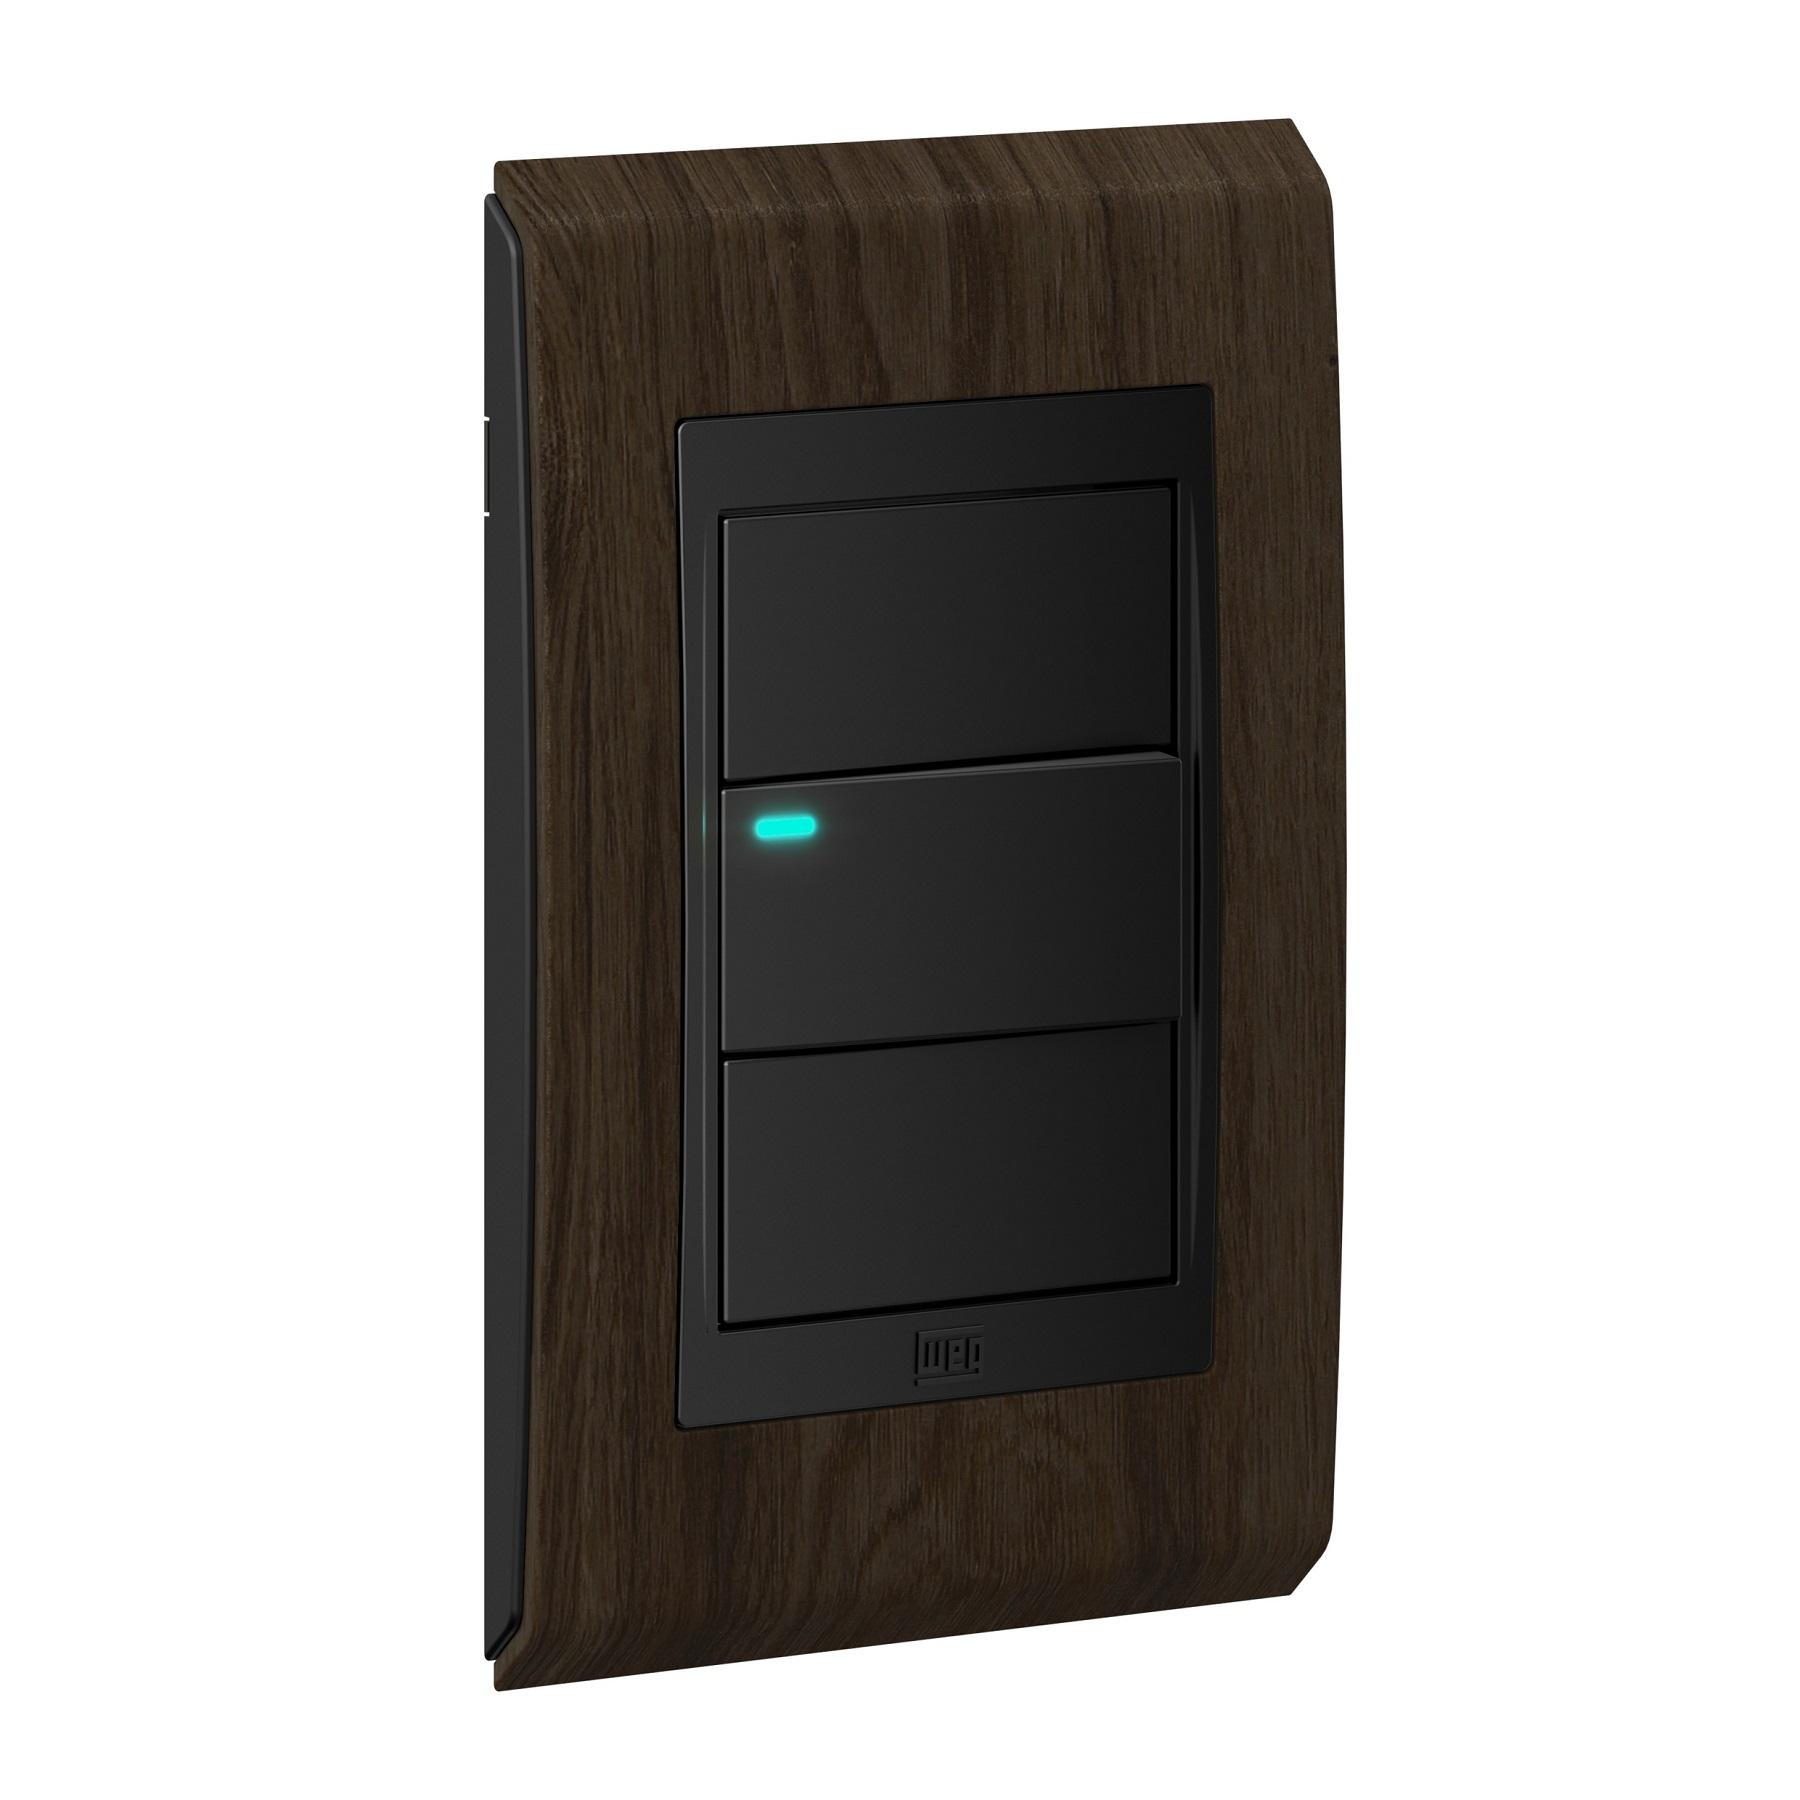 Conjunto 1 Interruptor LED - Refinatto Concept- Tabaco / Preto